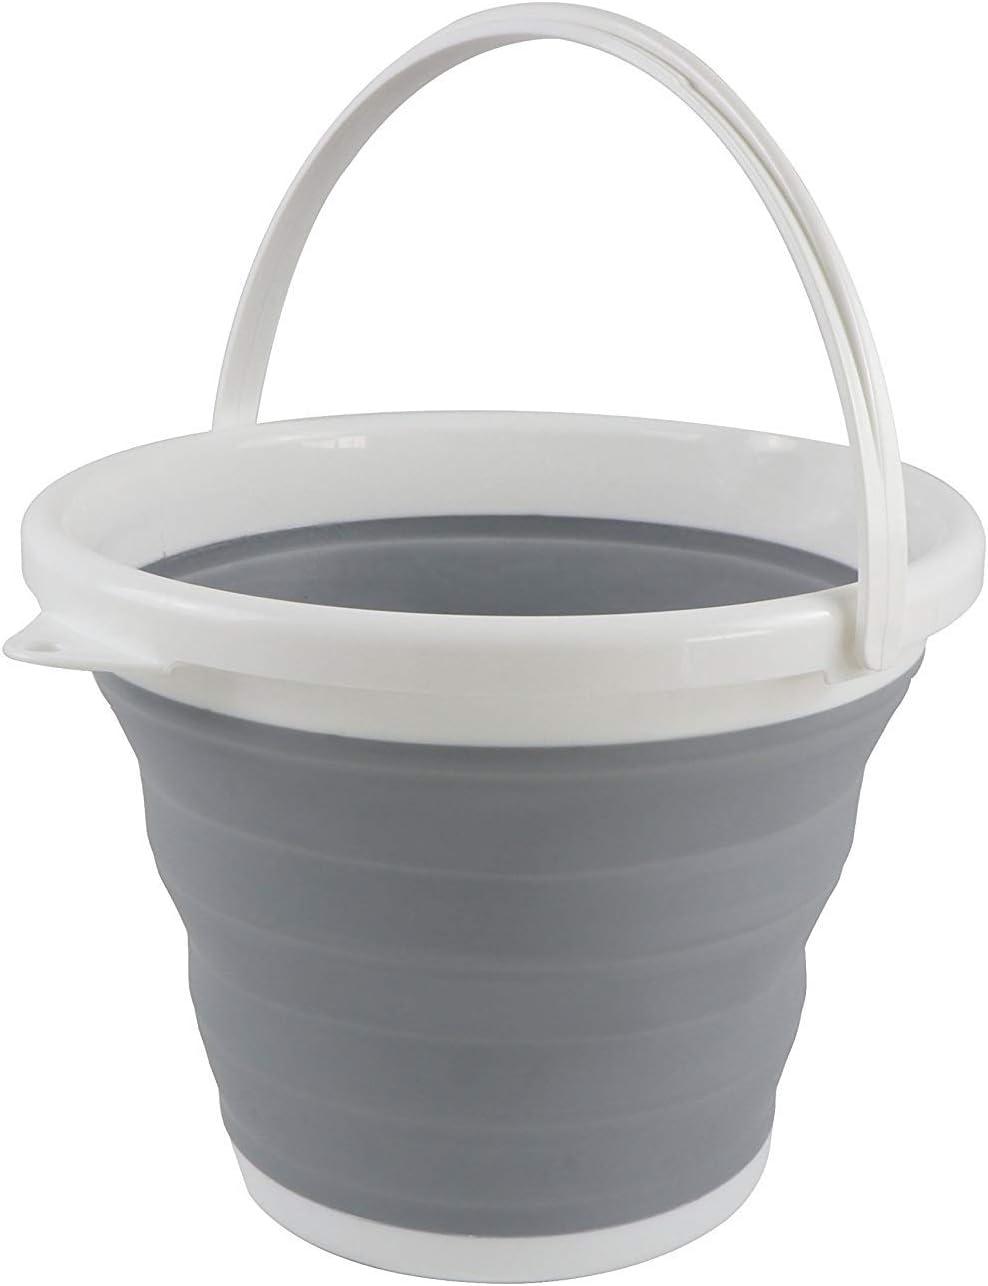 Grey Sutekus Collapsible Bucket 10 Litre